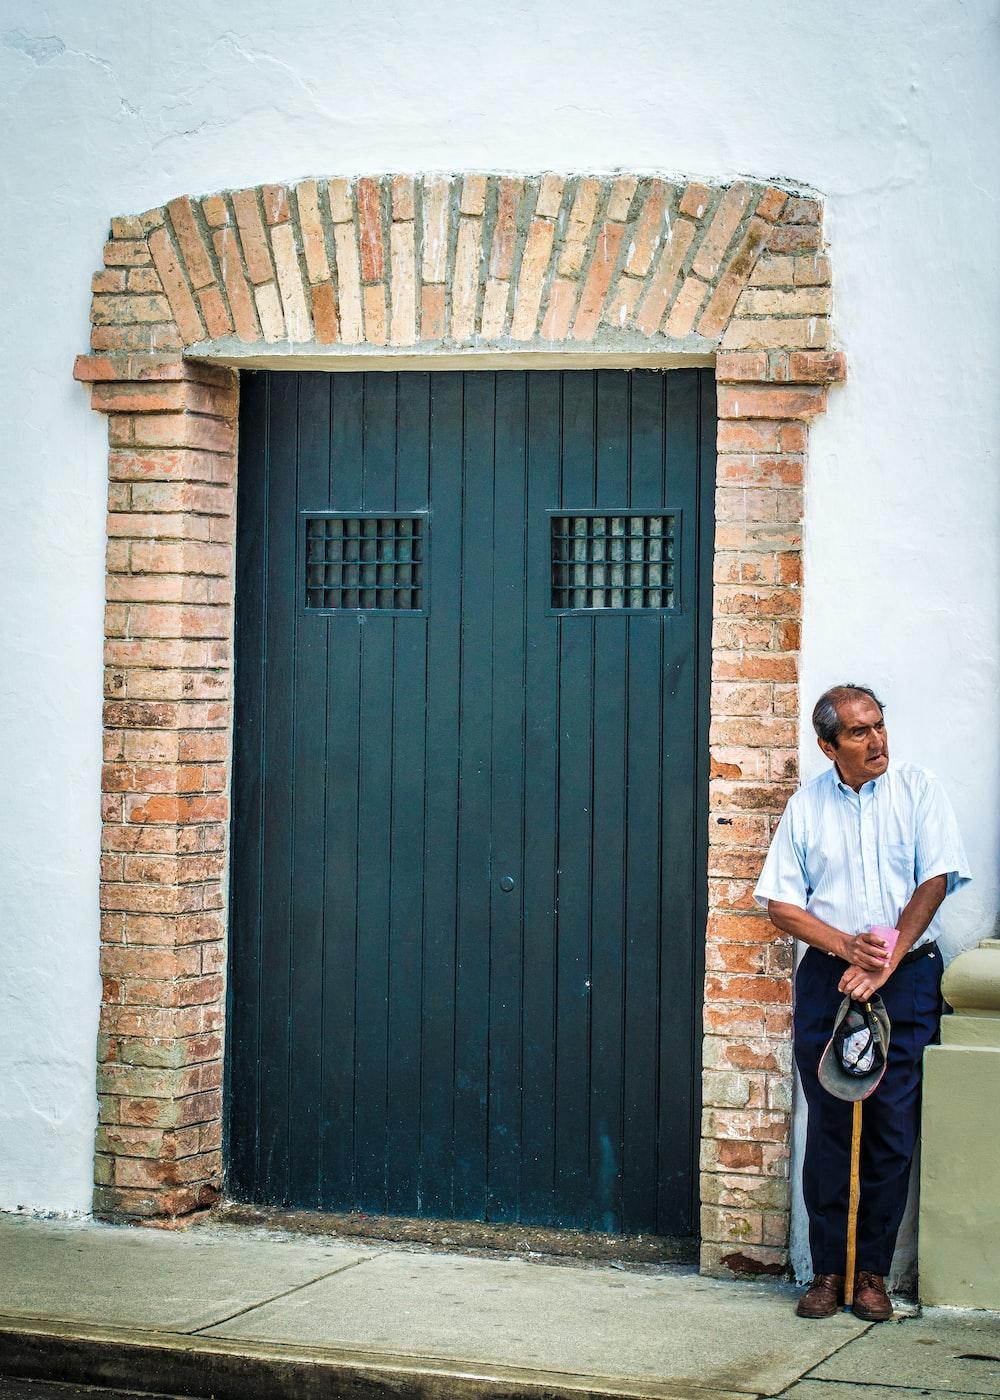 man in white shirt standing next to wooden door